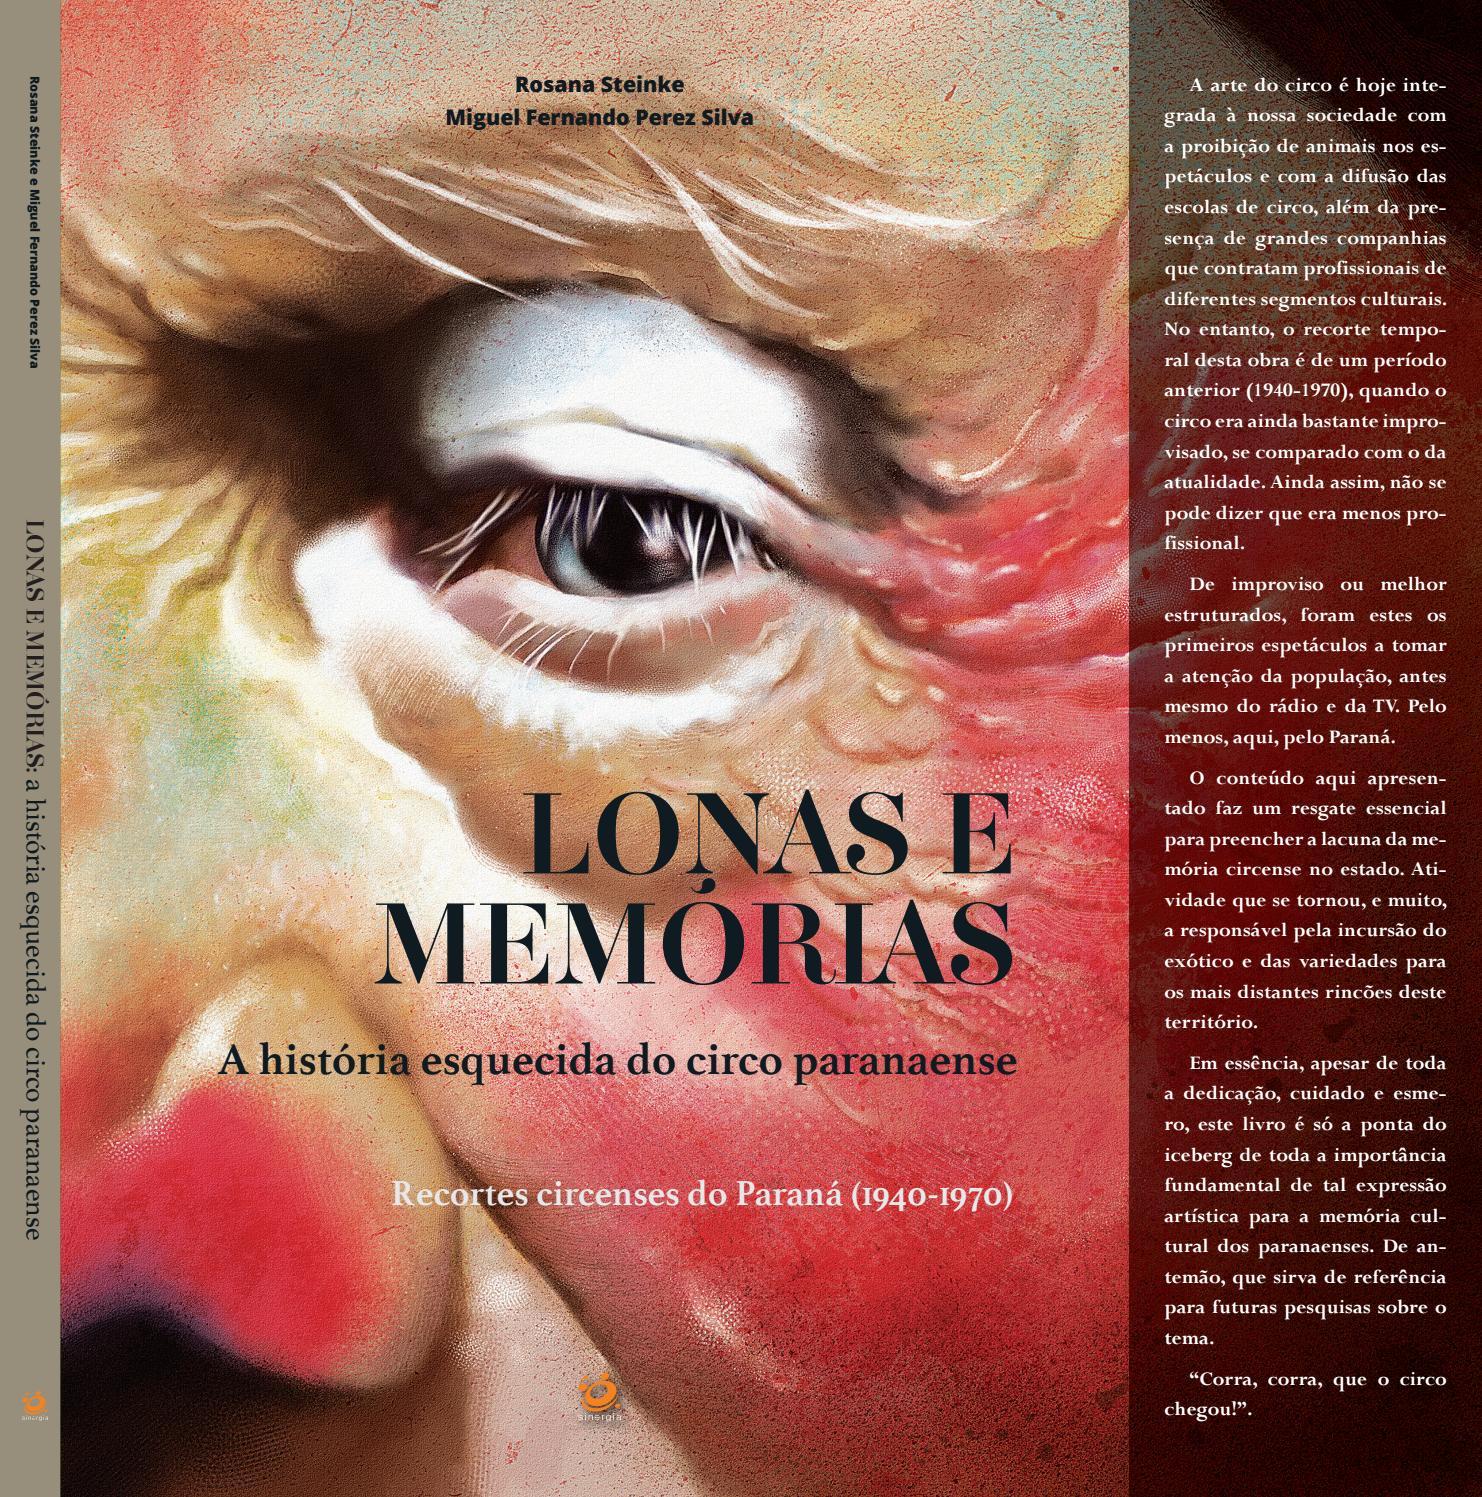 Livro: Lonas e Memórias: a história esquecida do circo paranaense